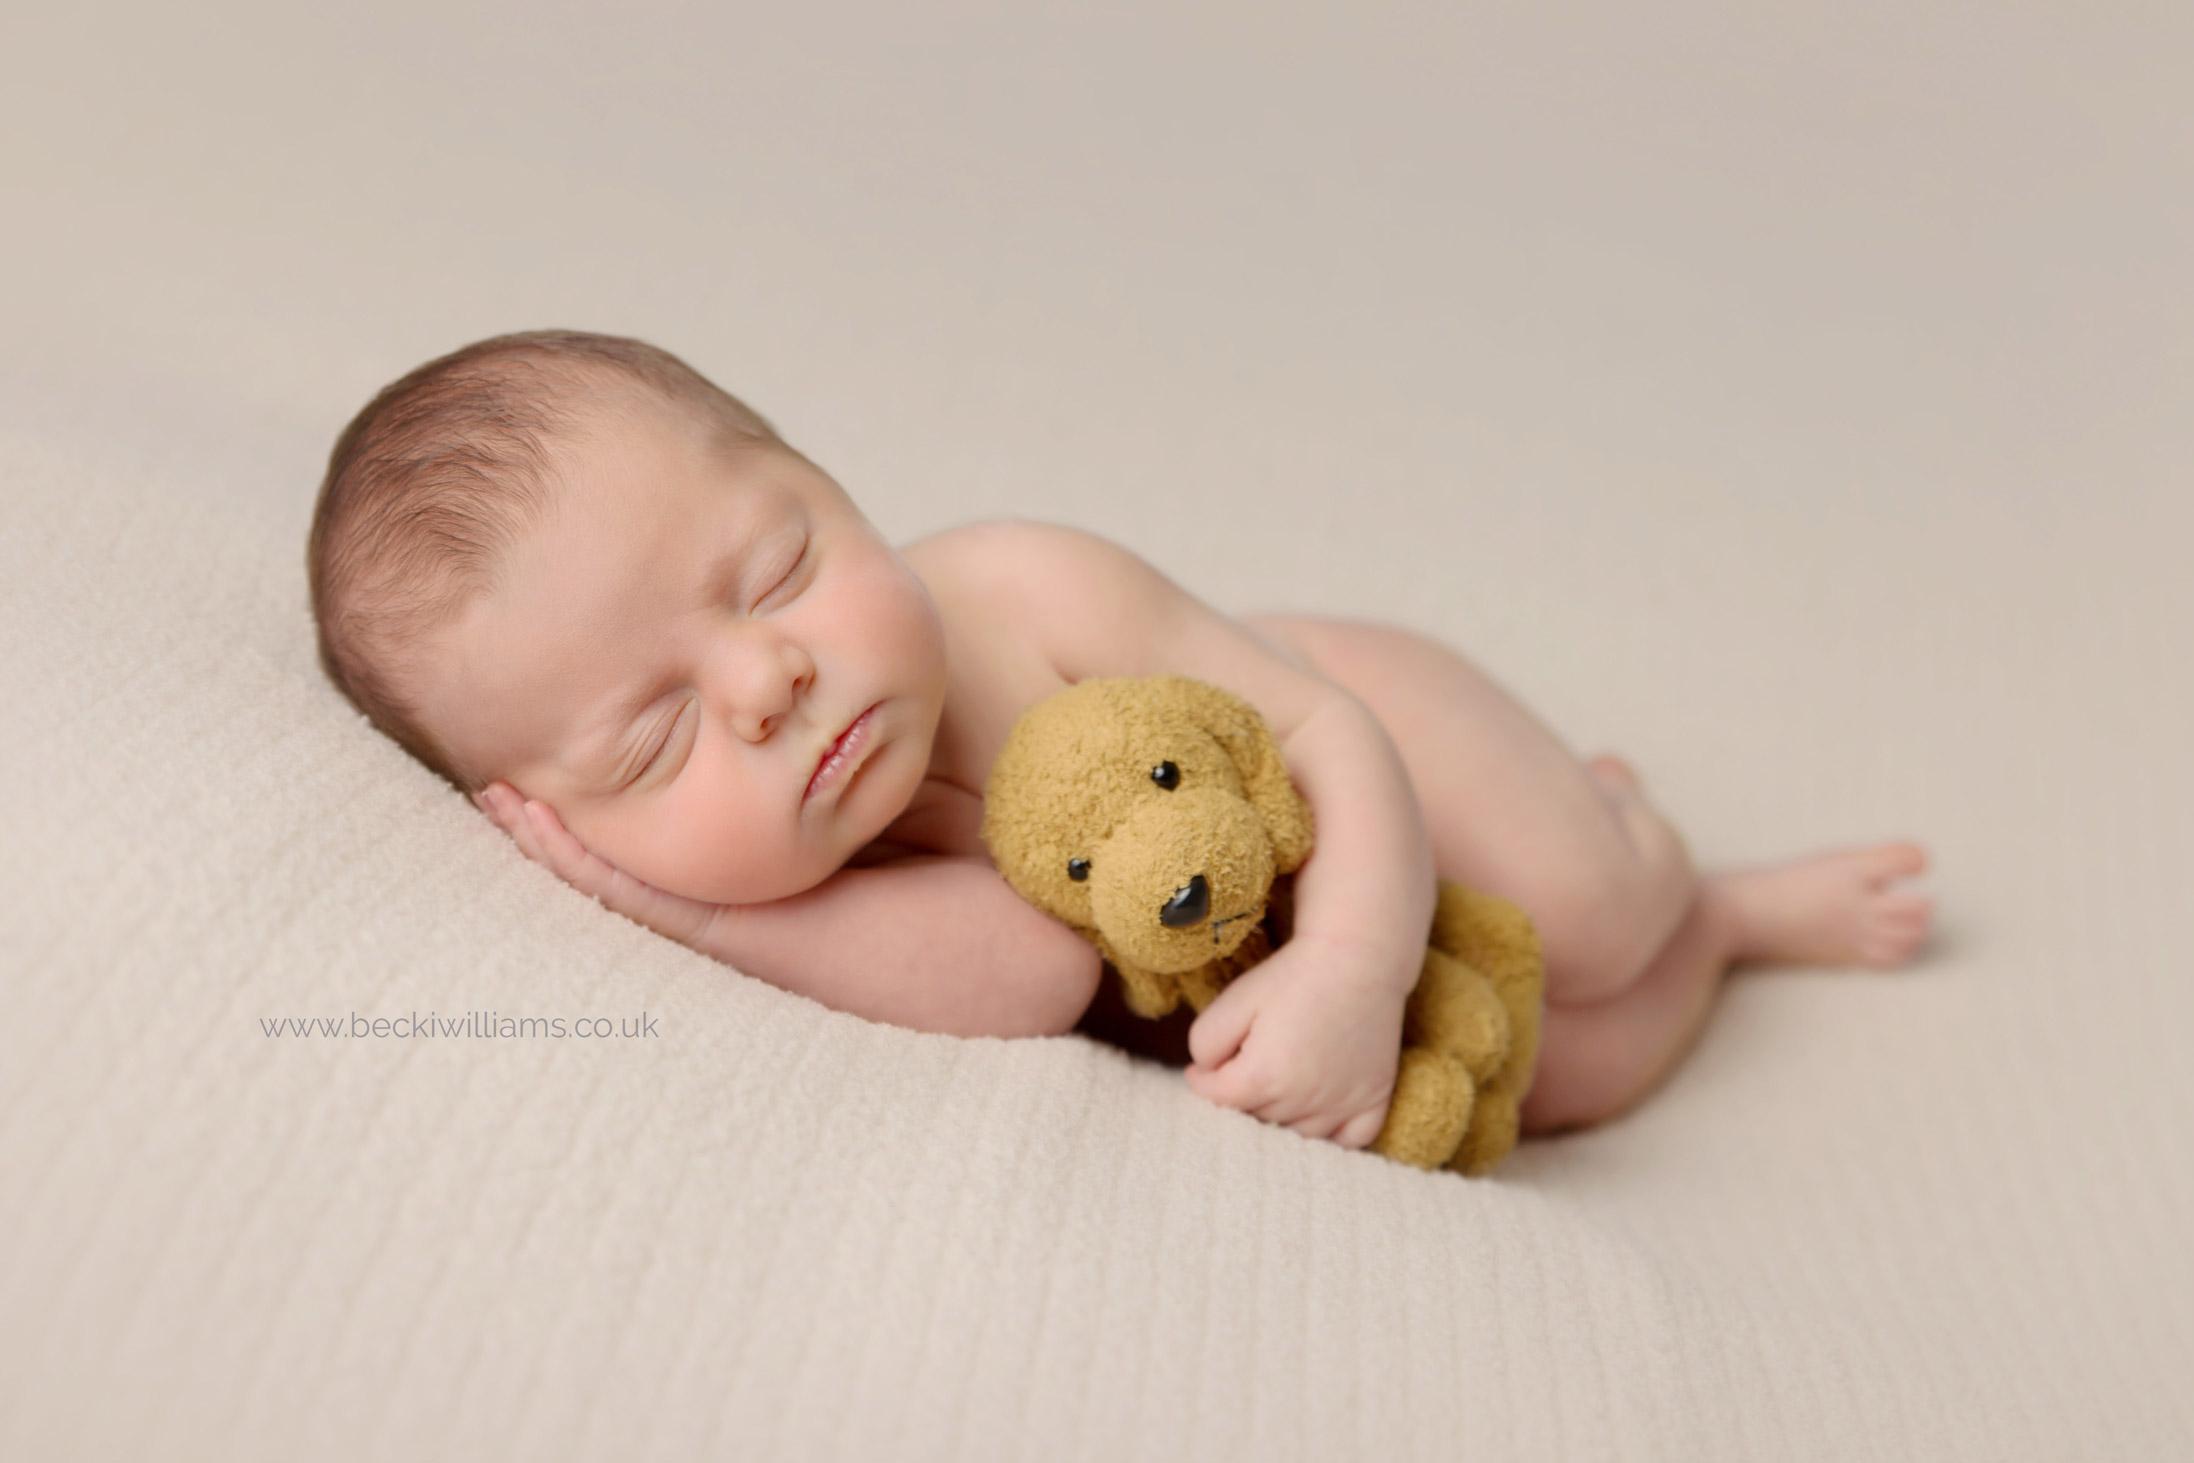 newborn girl laying asleep on her side cuddling a toy dog.